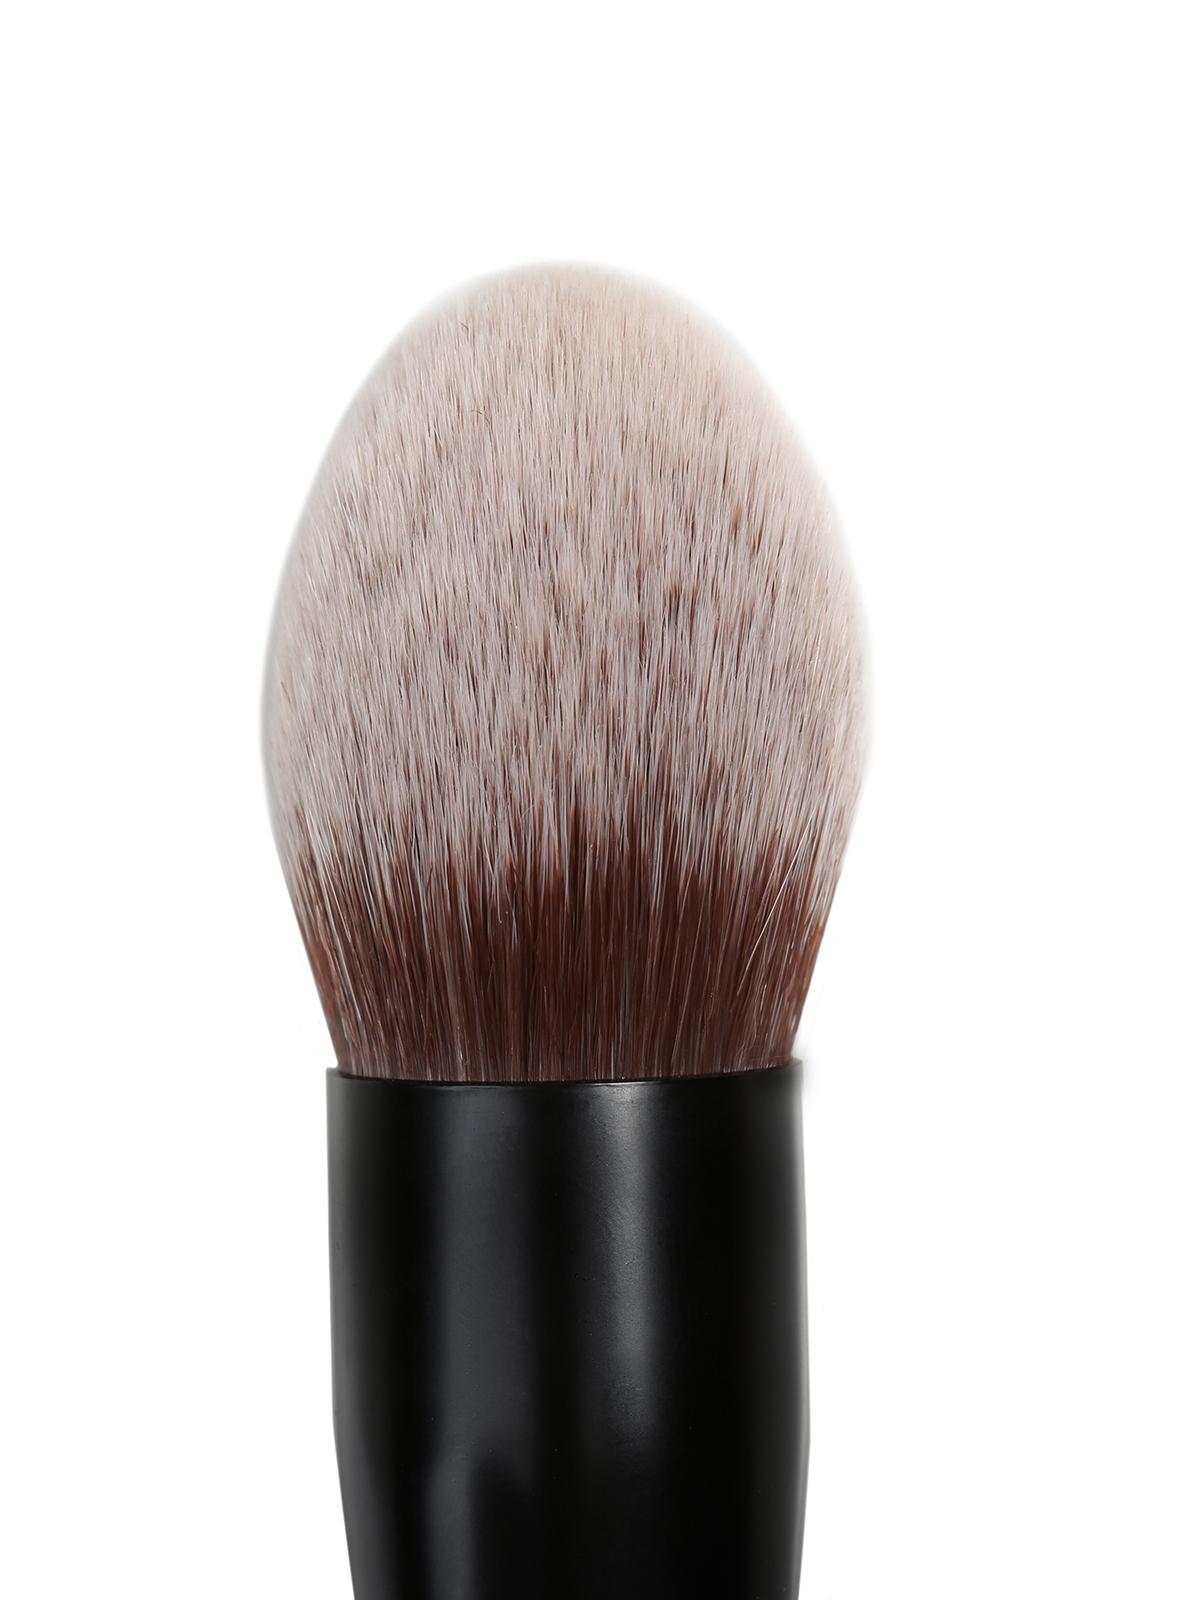 Foundation Blending Brush #231